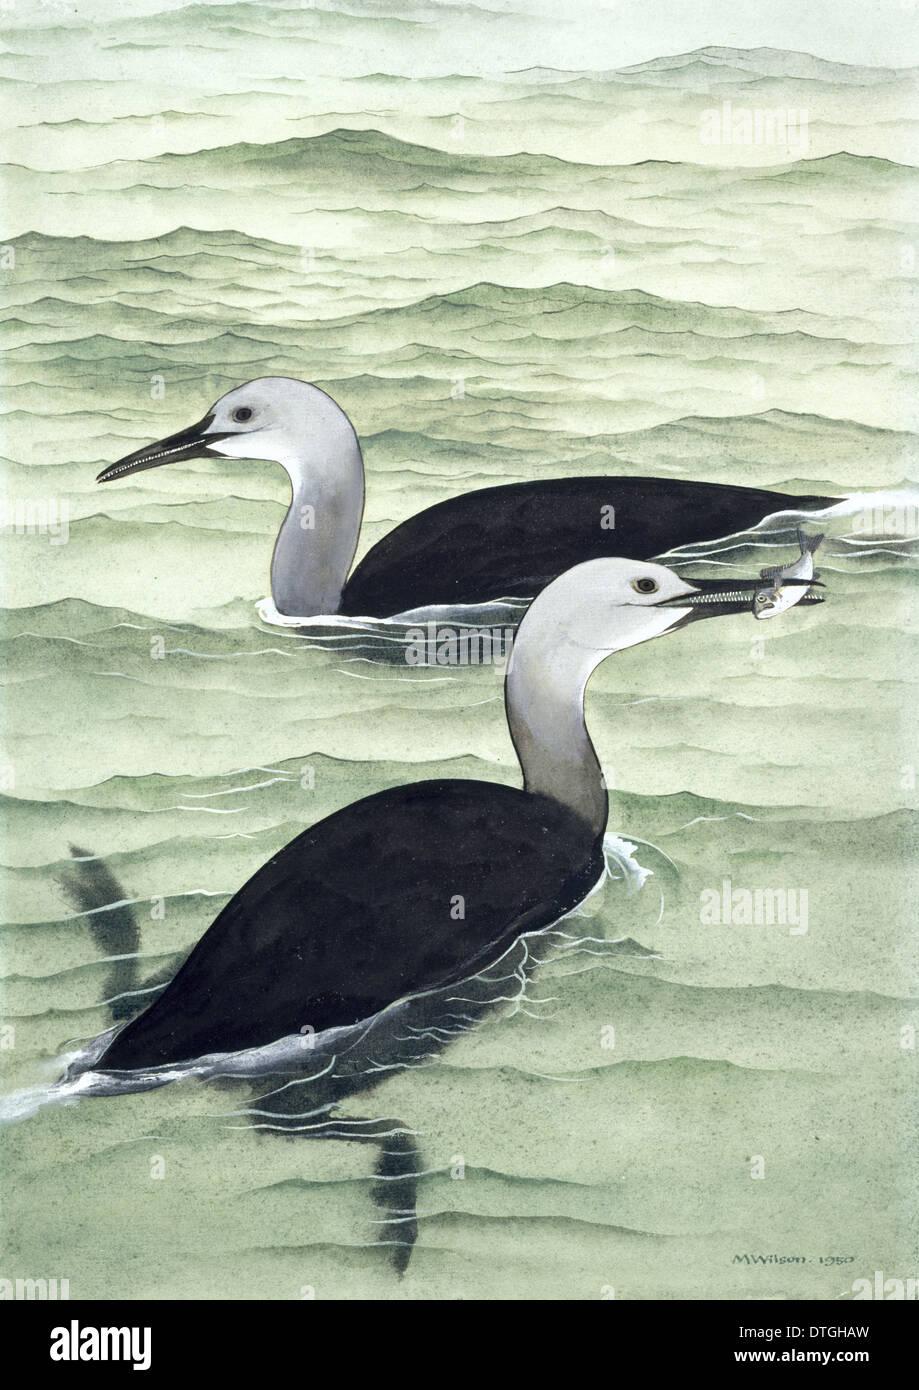 Hesperornis regalis, Cretaceous Bird Imagen De Stock